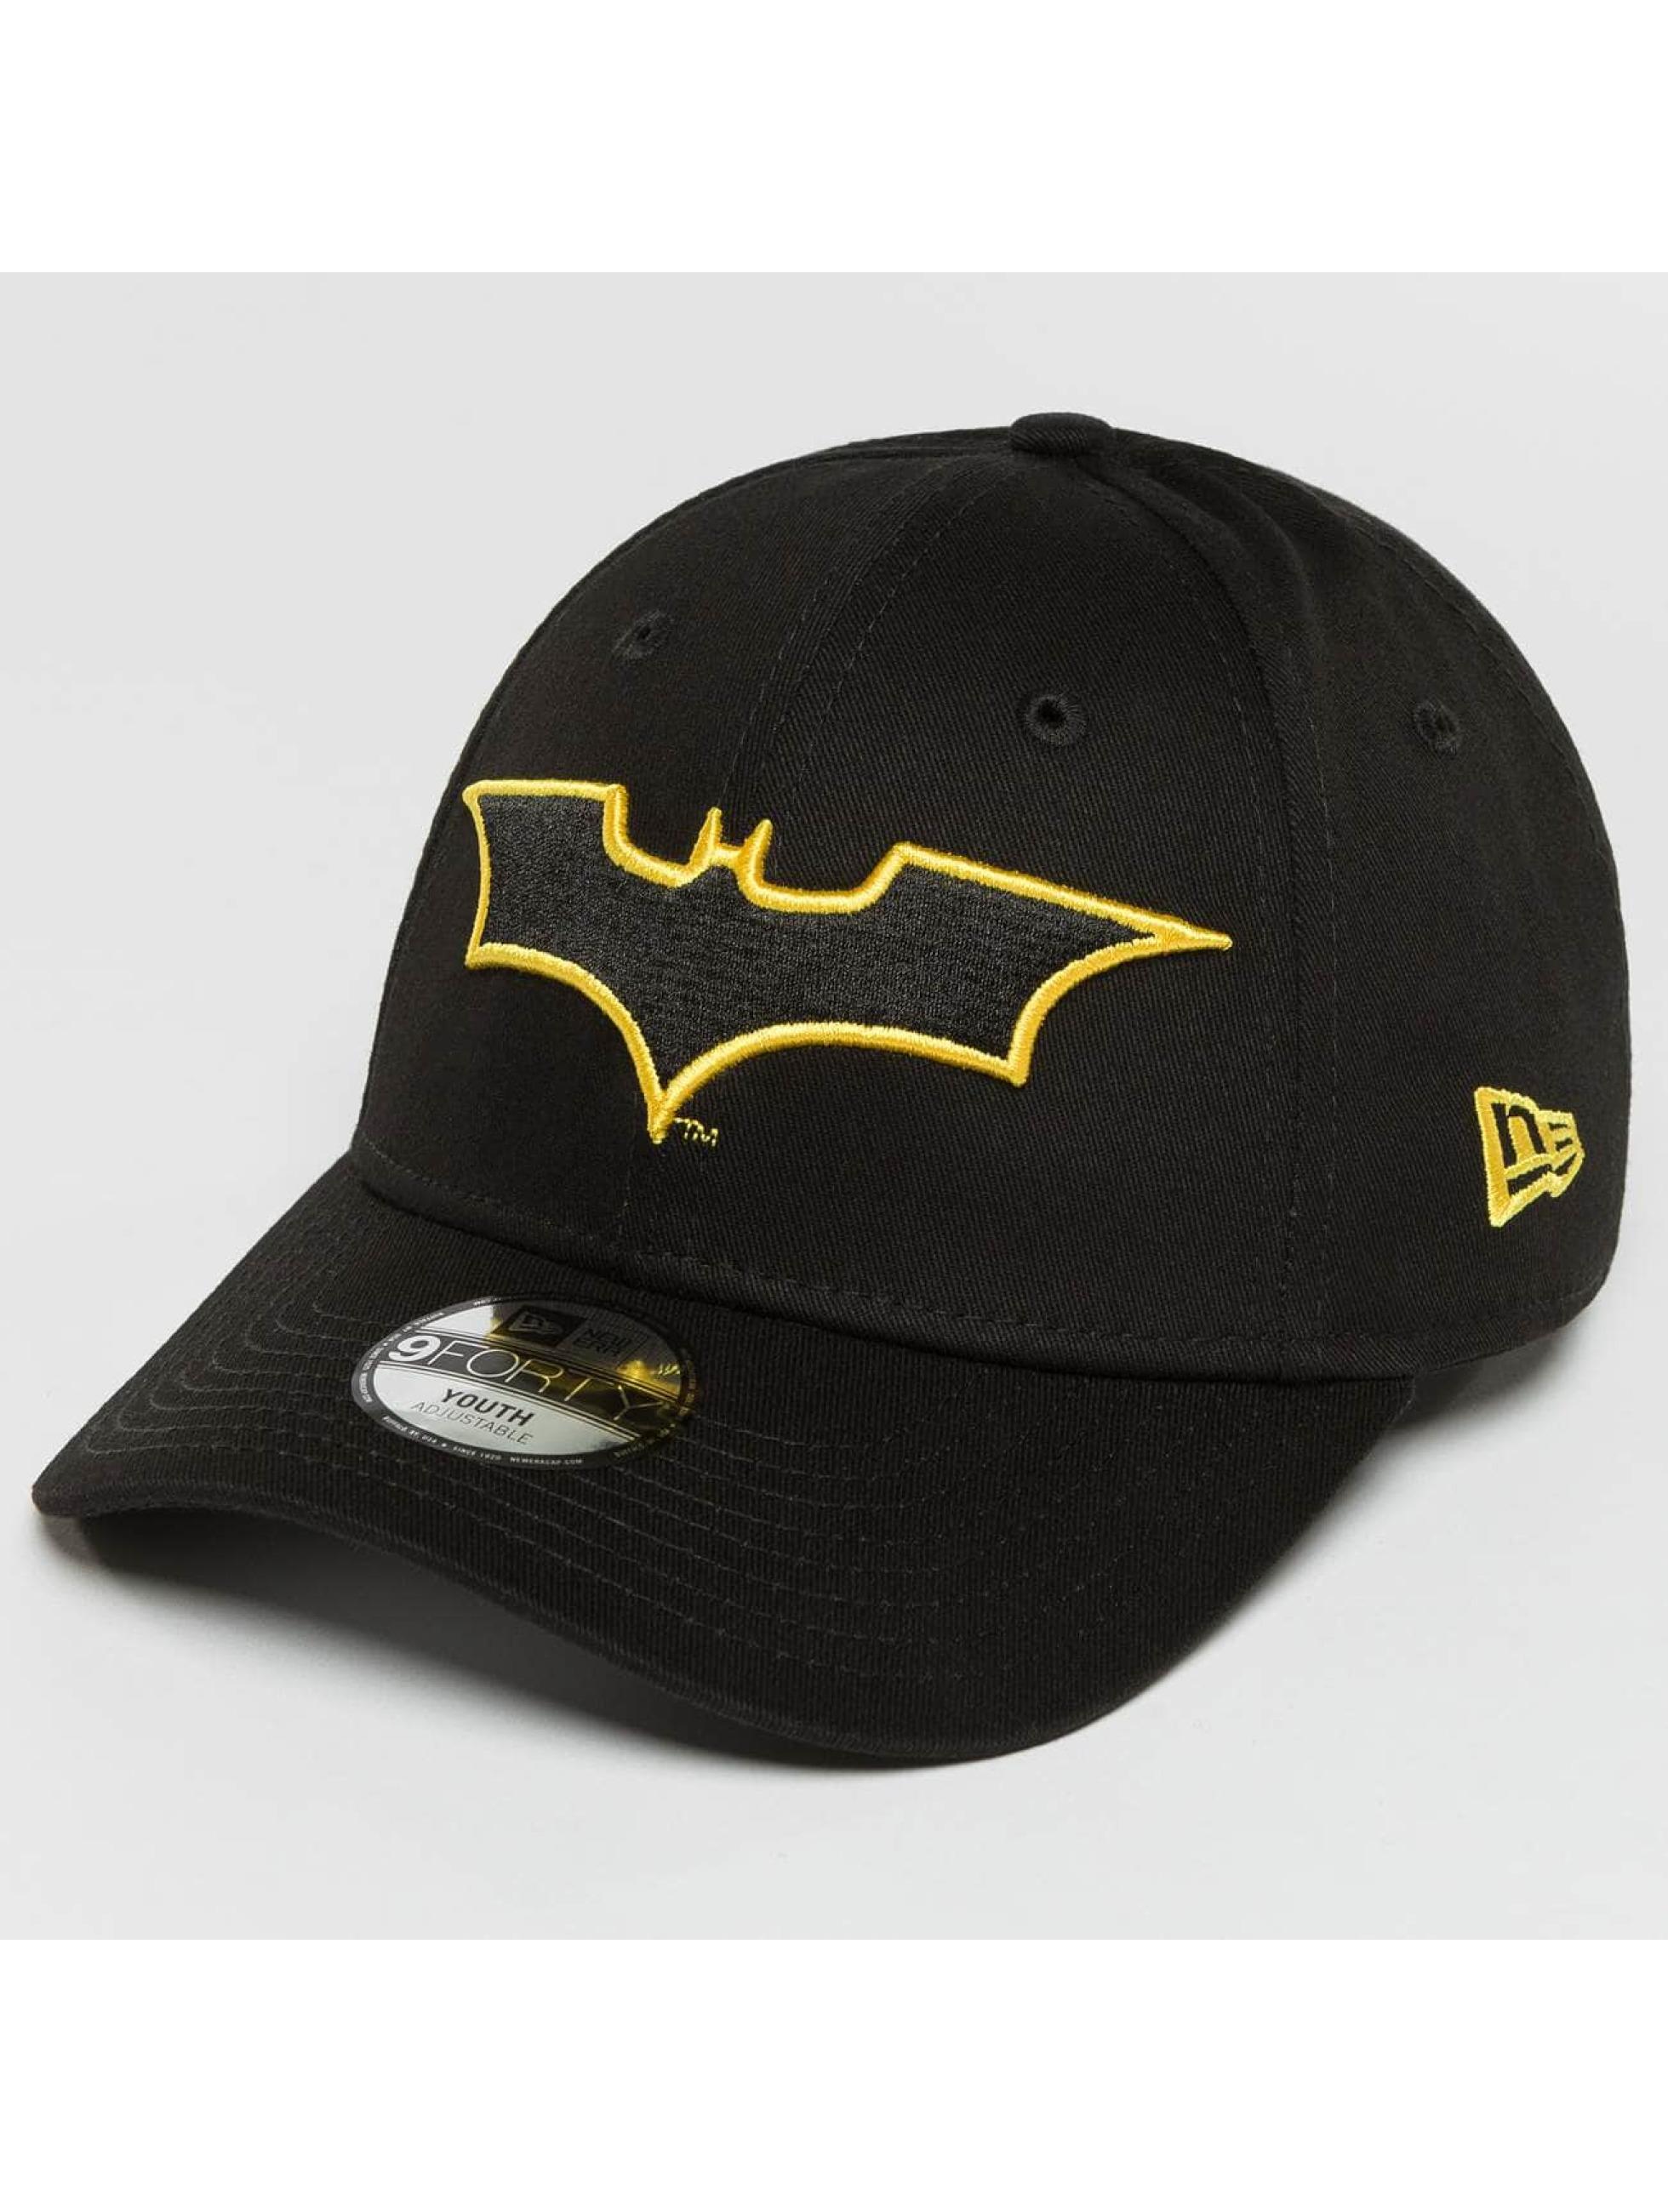 New Era Snapback Caps Charcoal OUTL Batman 9Forty czarny